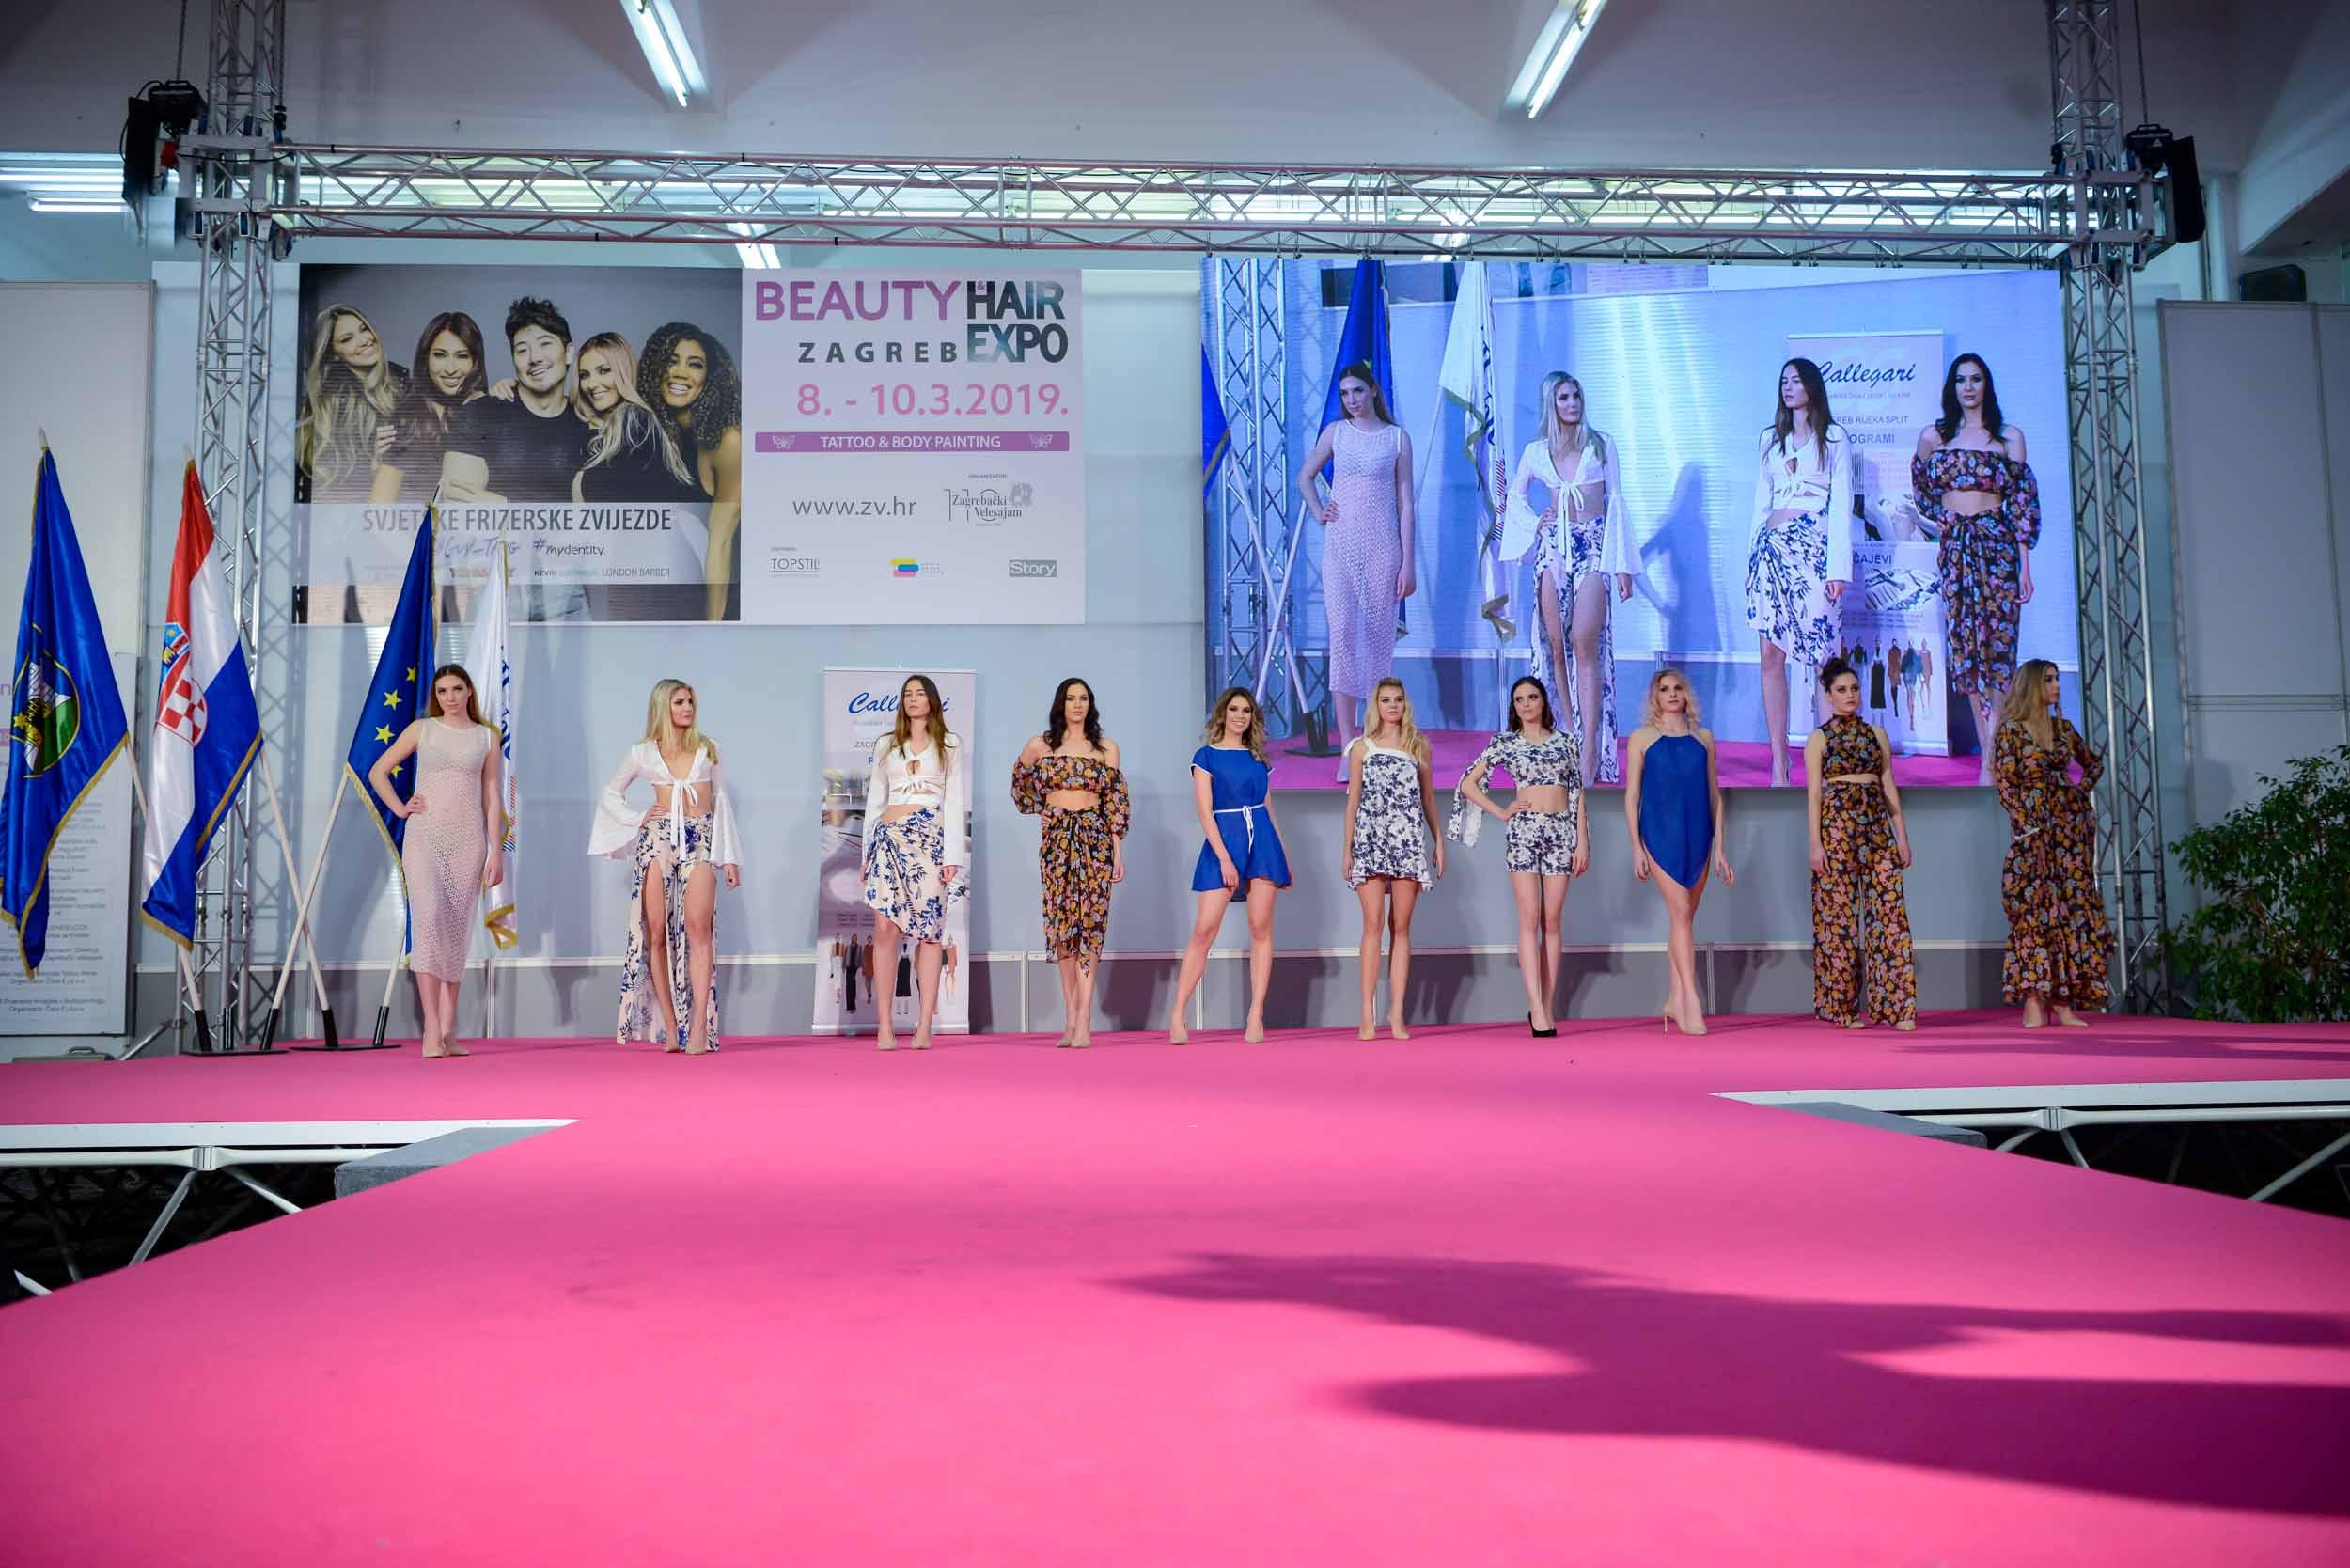 Beauty & Hair Expo Zagreb 2019: Ljetni stajling i make up za najljepše Hrvatice u Callegarijevoj izvedbi